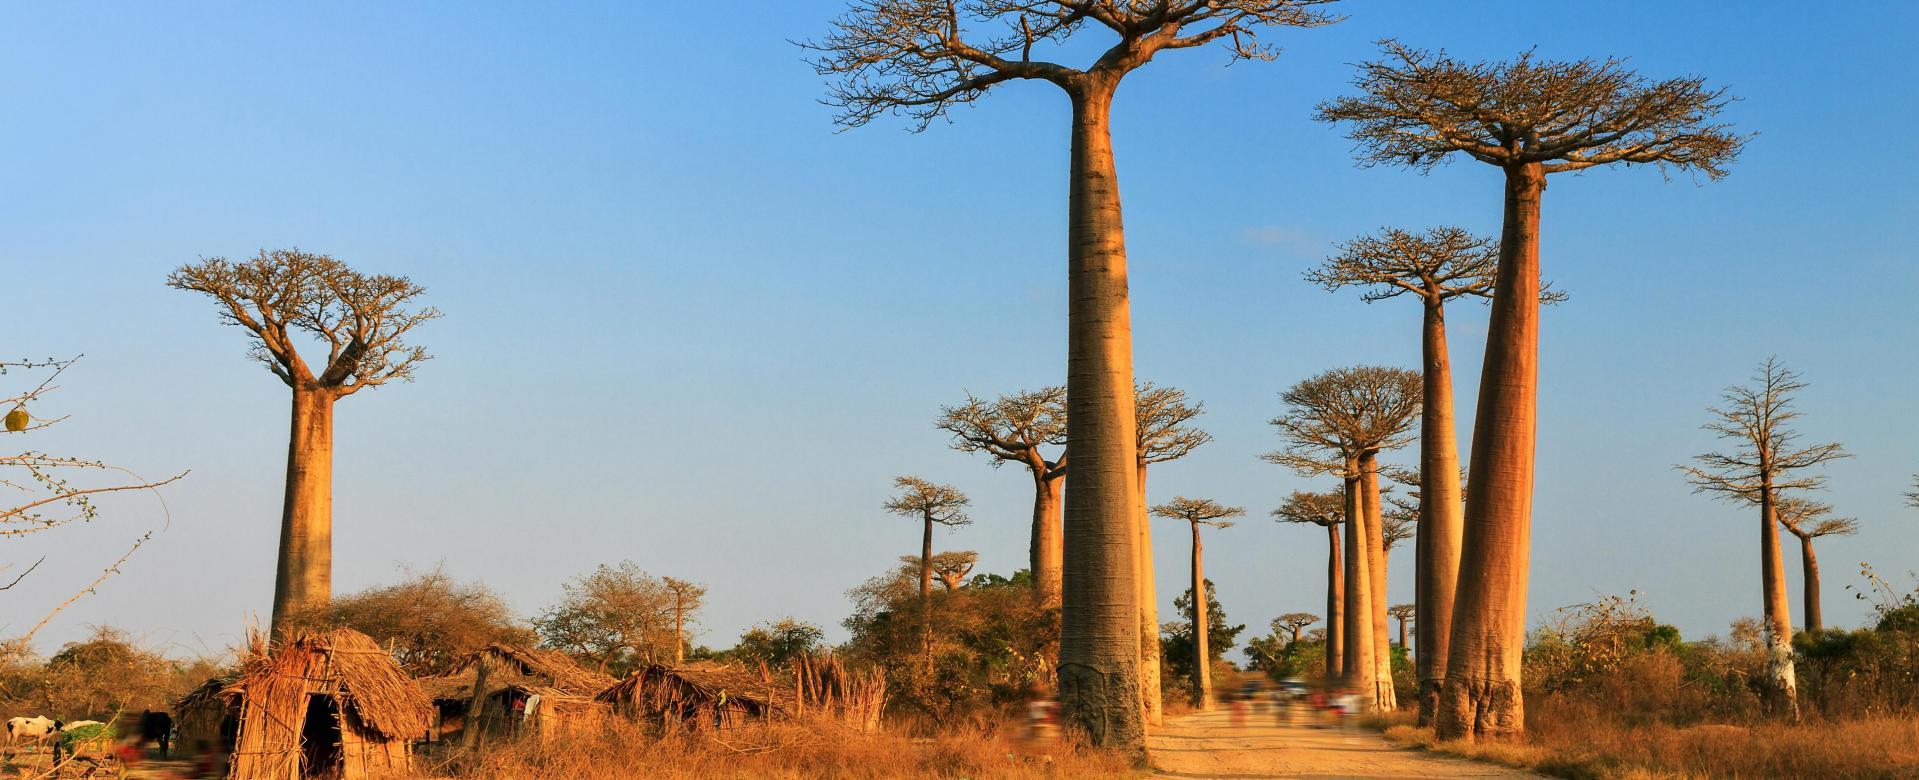 Voyage à pied : Dubai : Au pays des baobabs